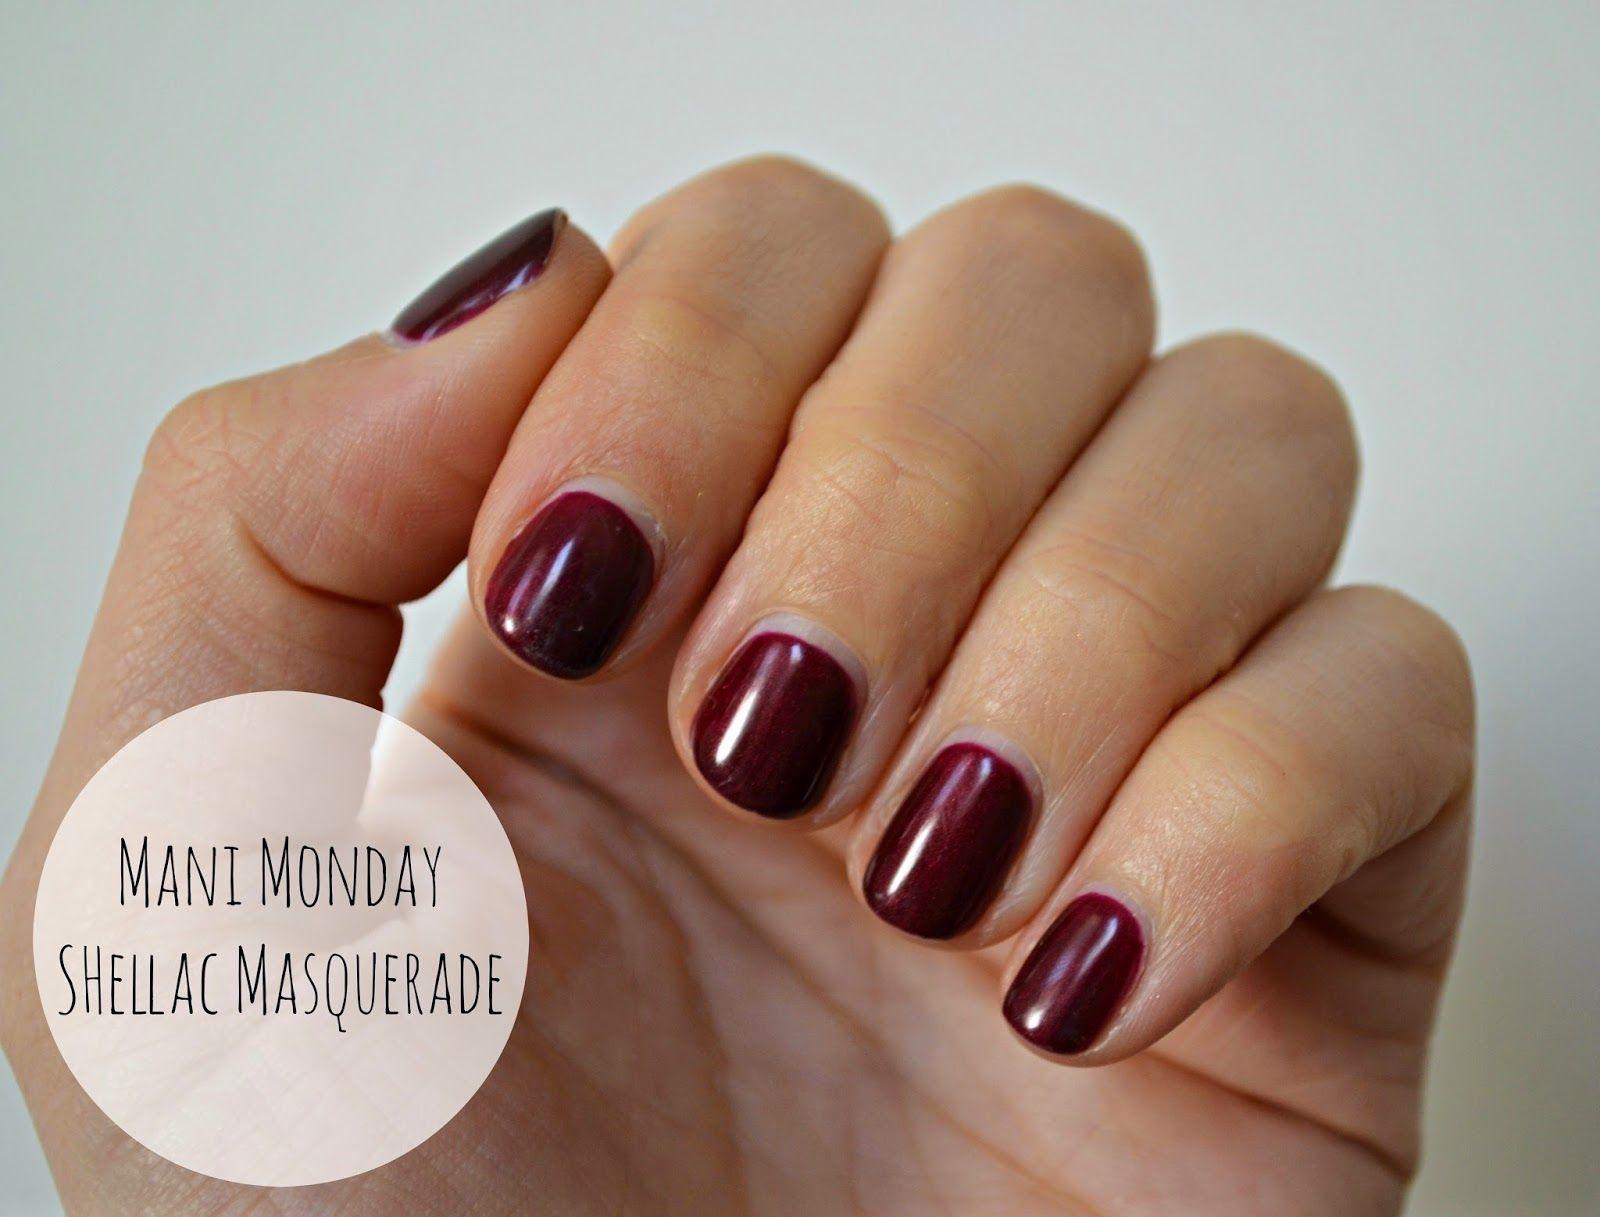 CND Shellac Masquerade | Nails | Pinterest | Masquerades, Shellac ...